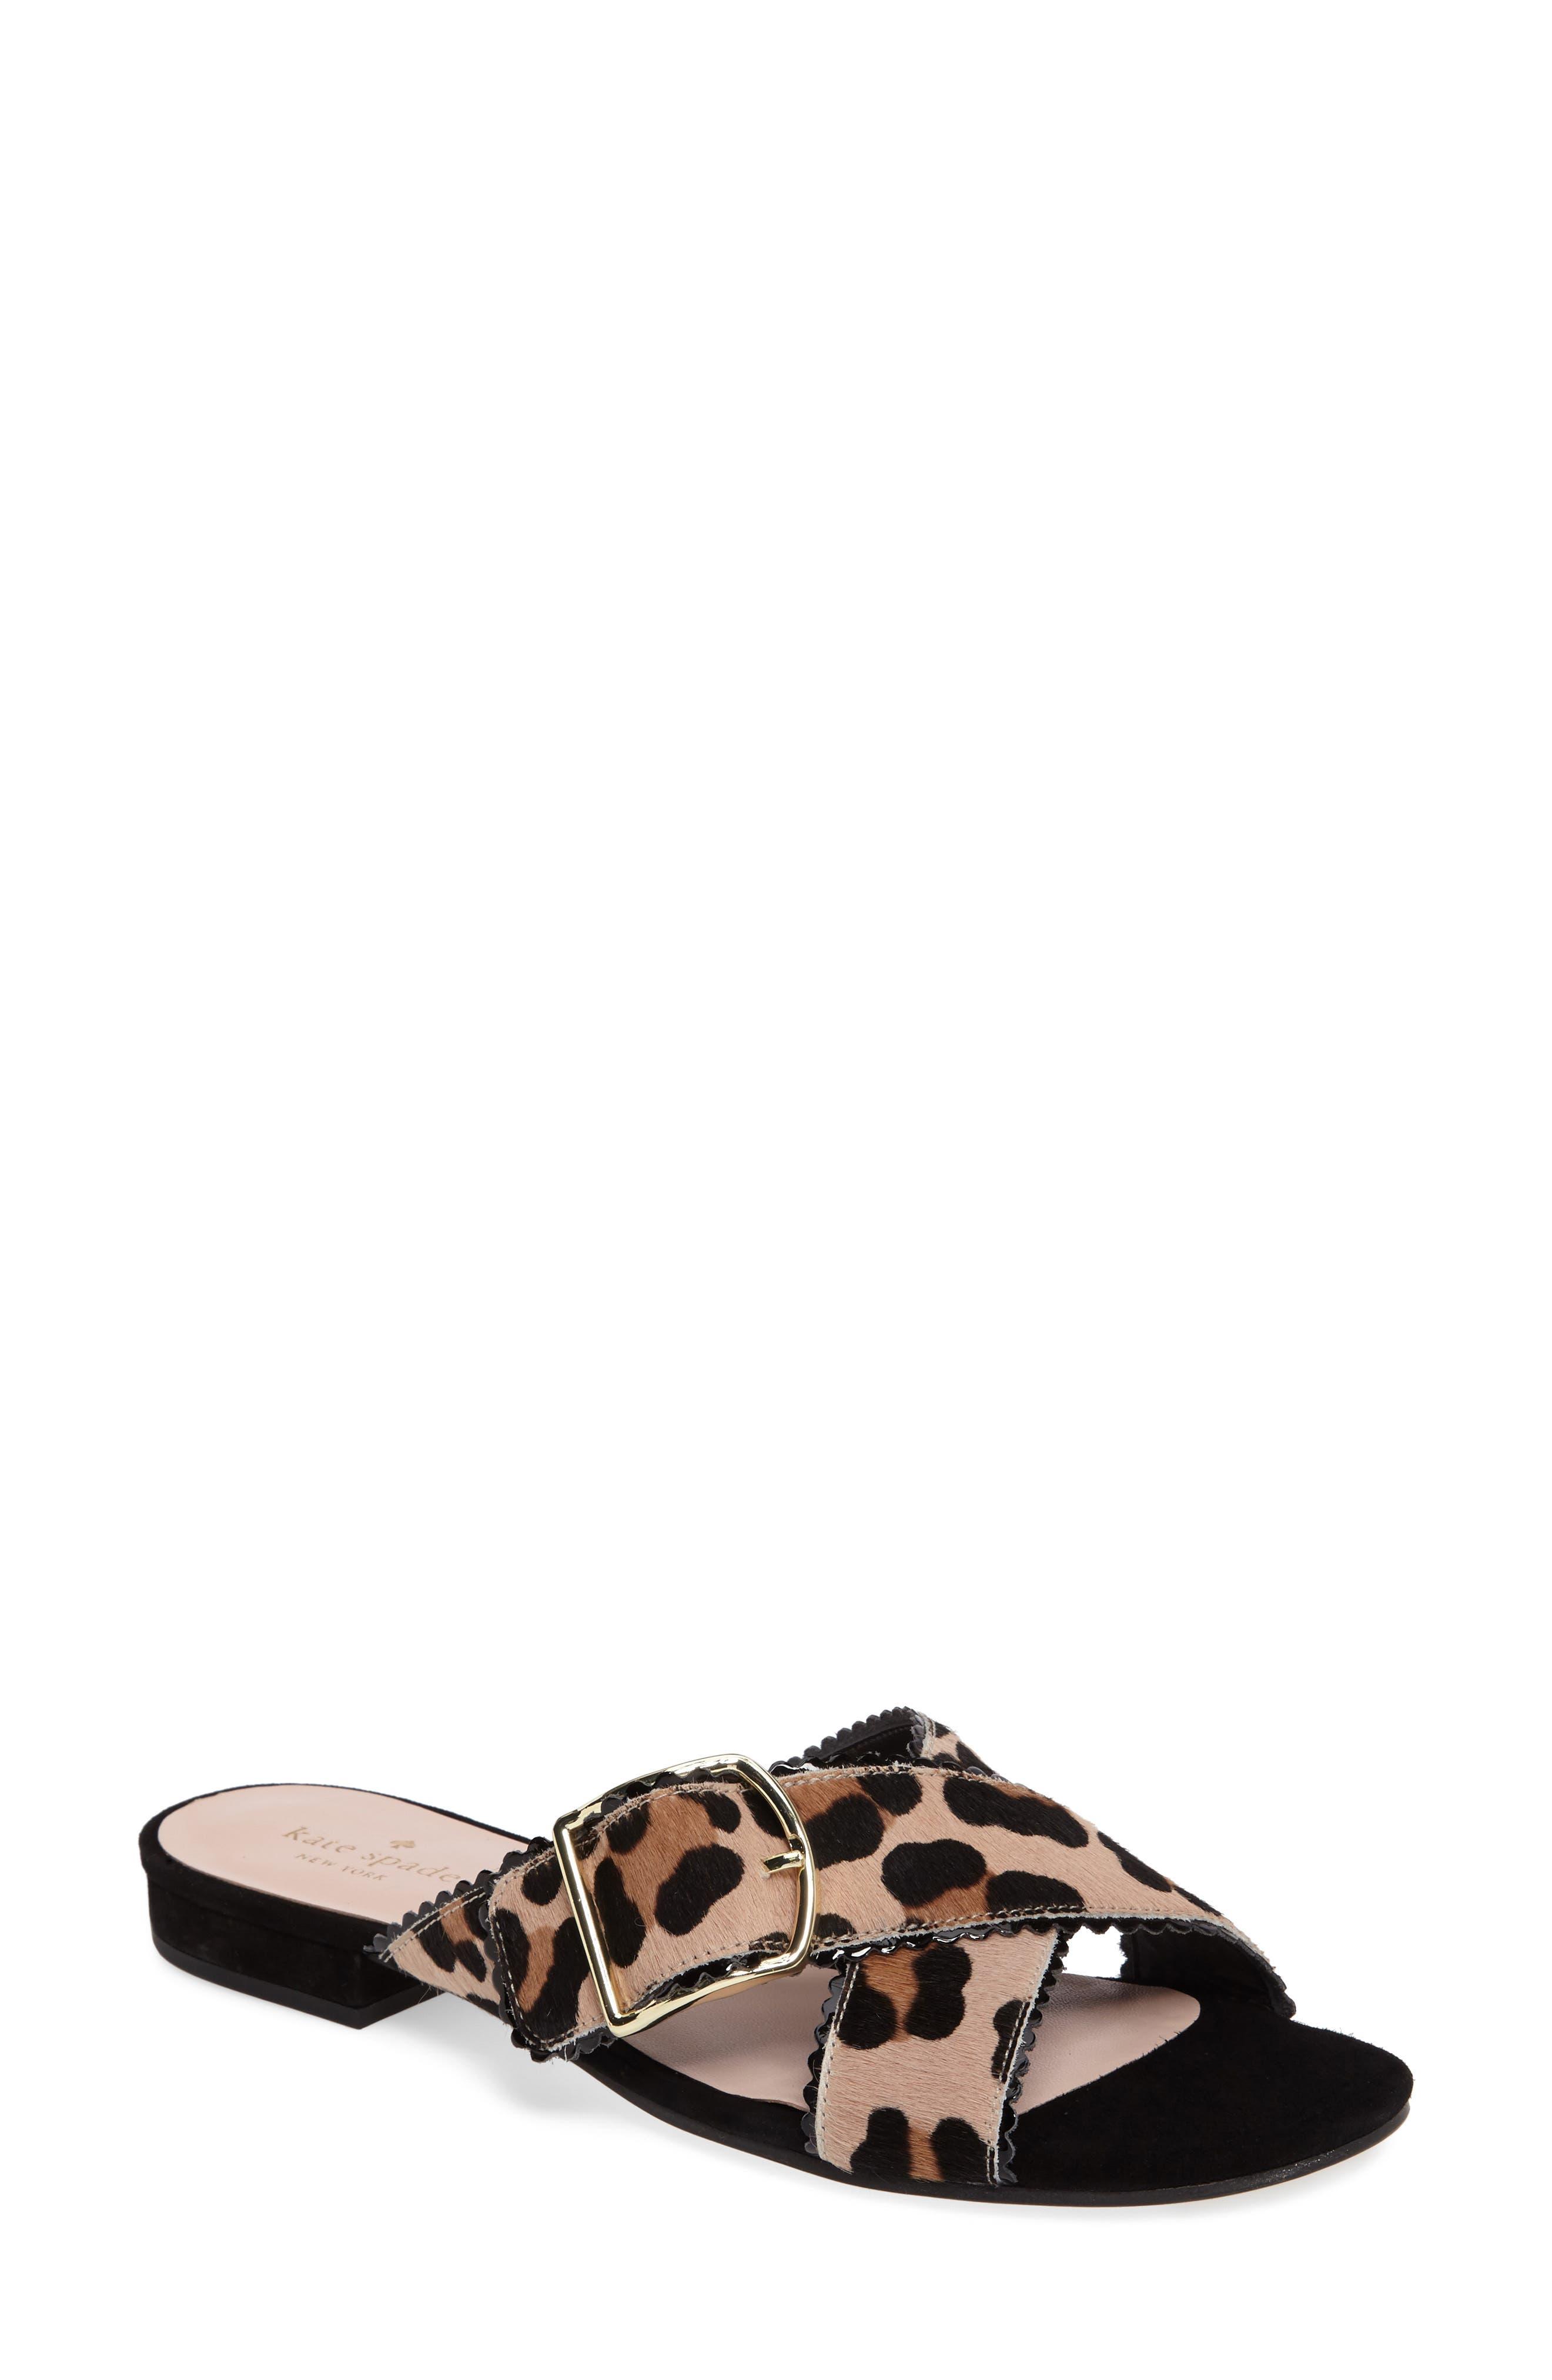 kate spade new york faris sandal (Women)